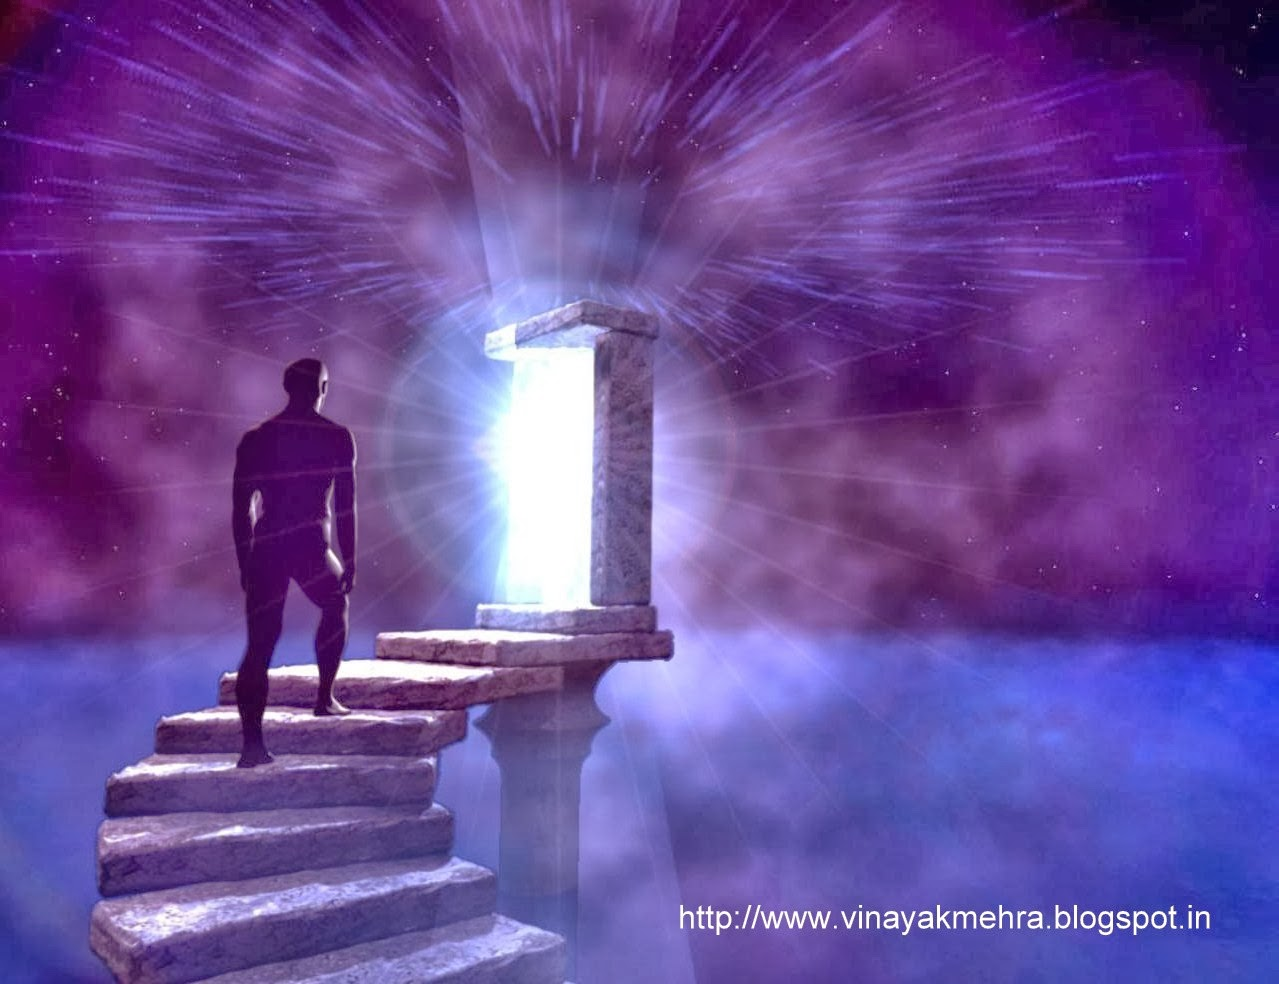 http://www.vinayakmehra.blogspot.in